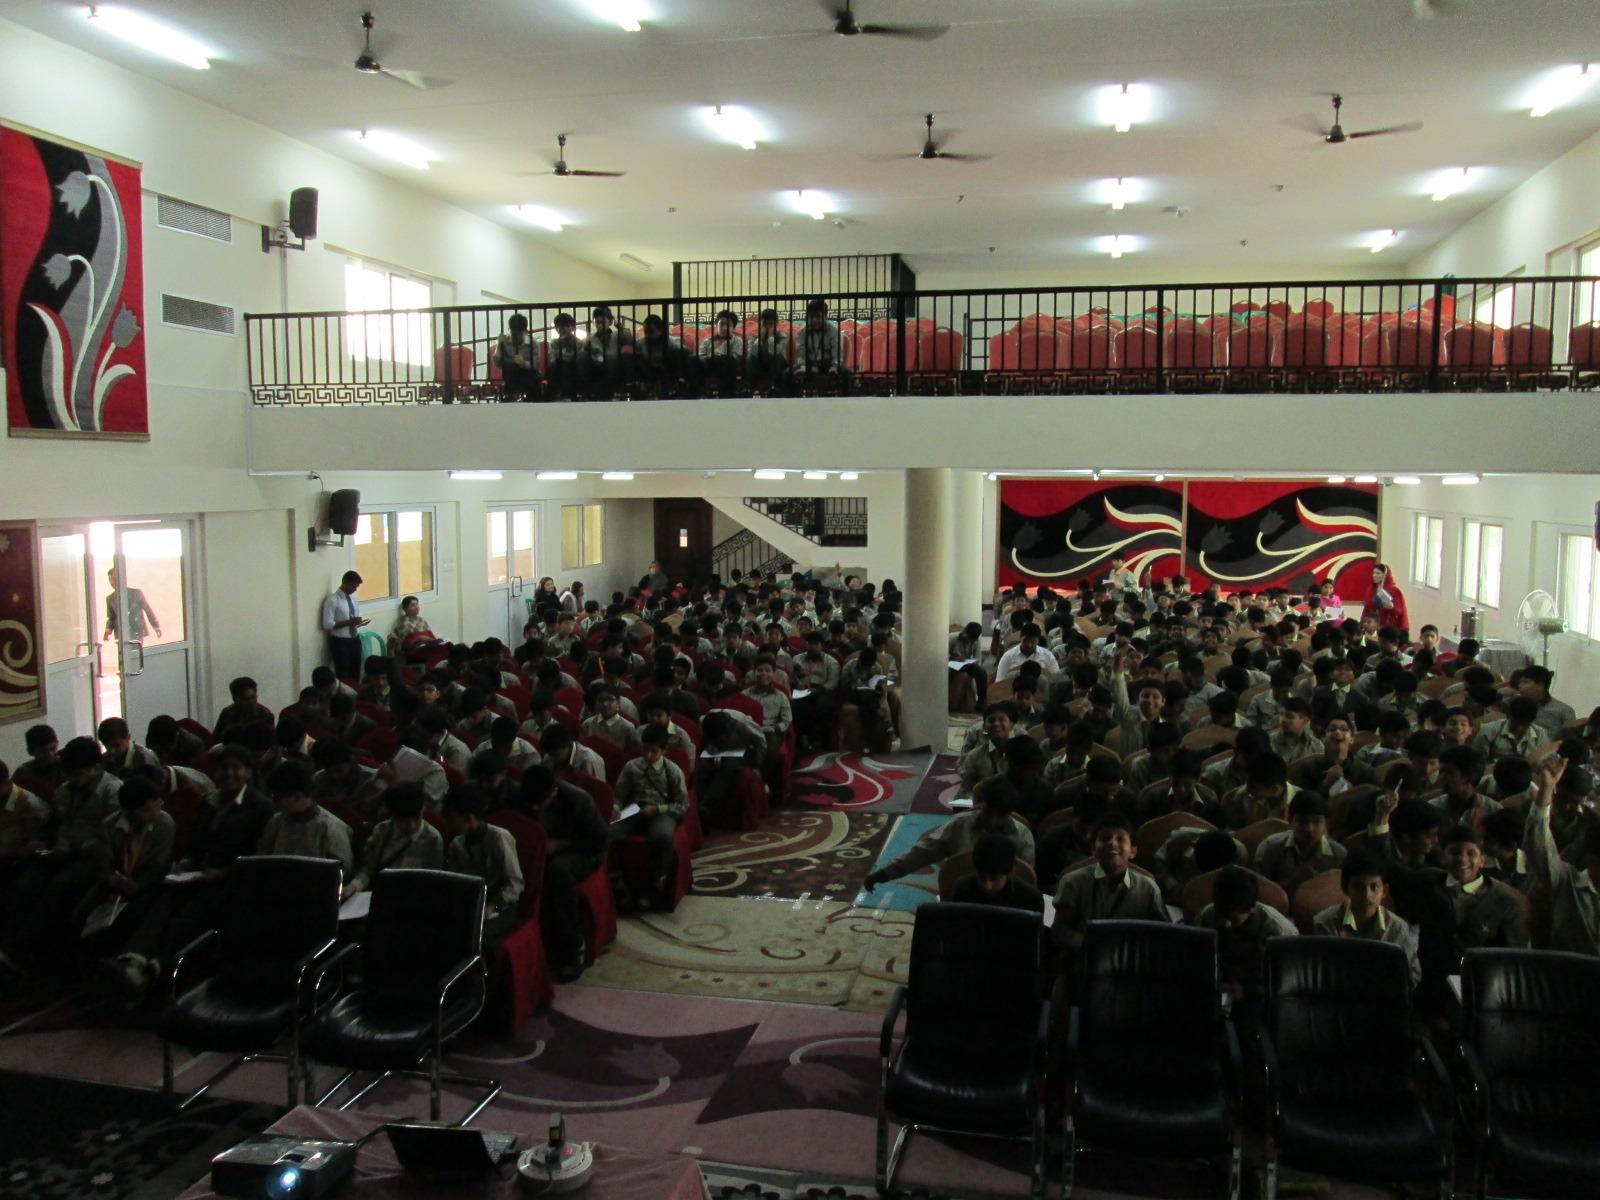 Two floor auditorium